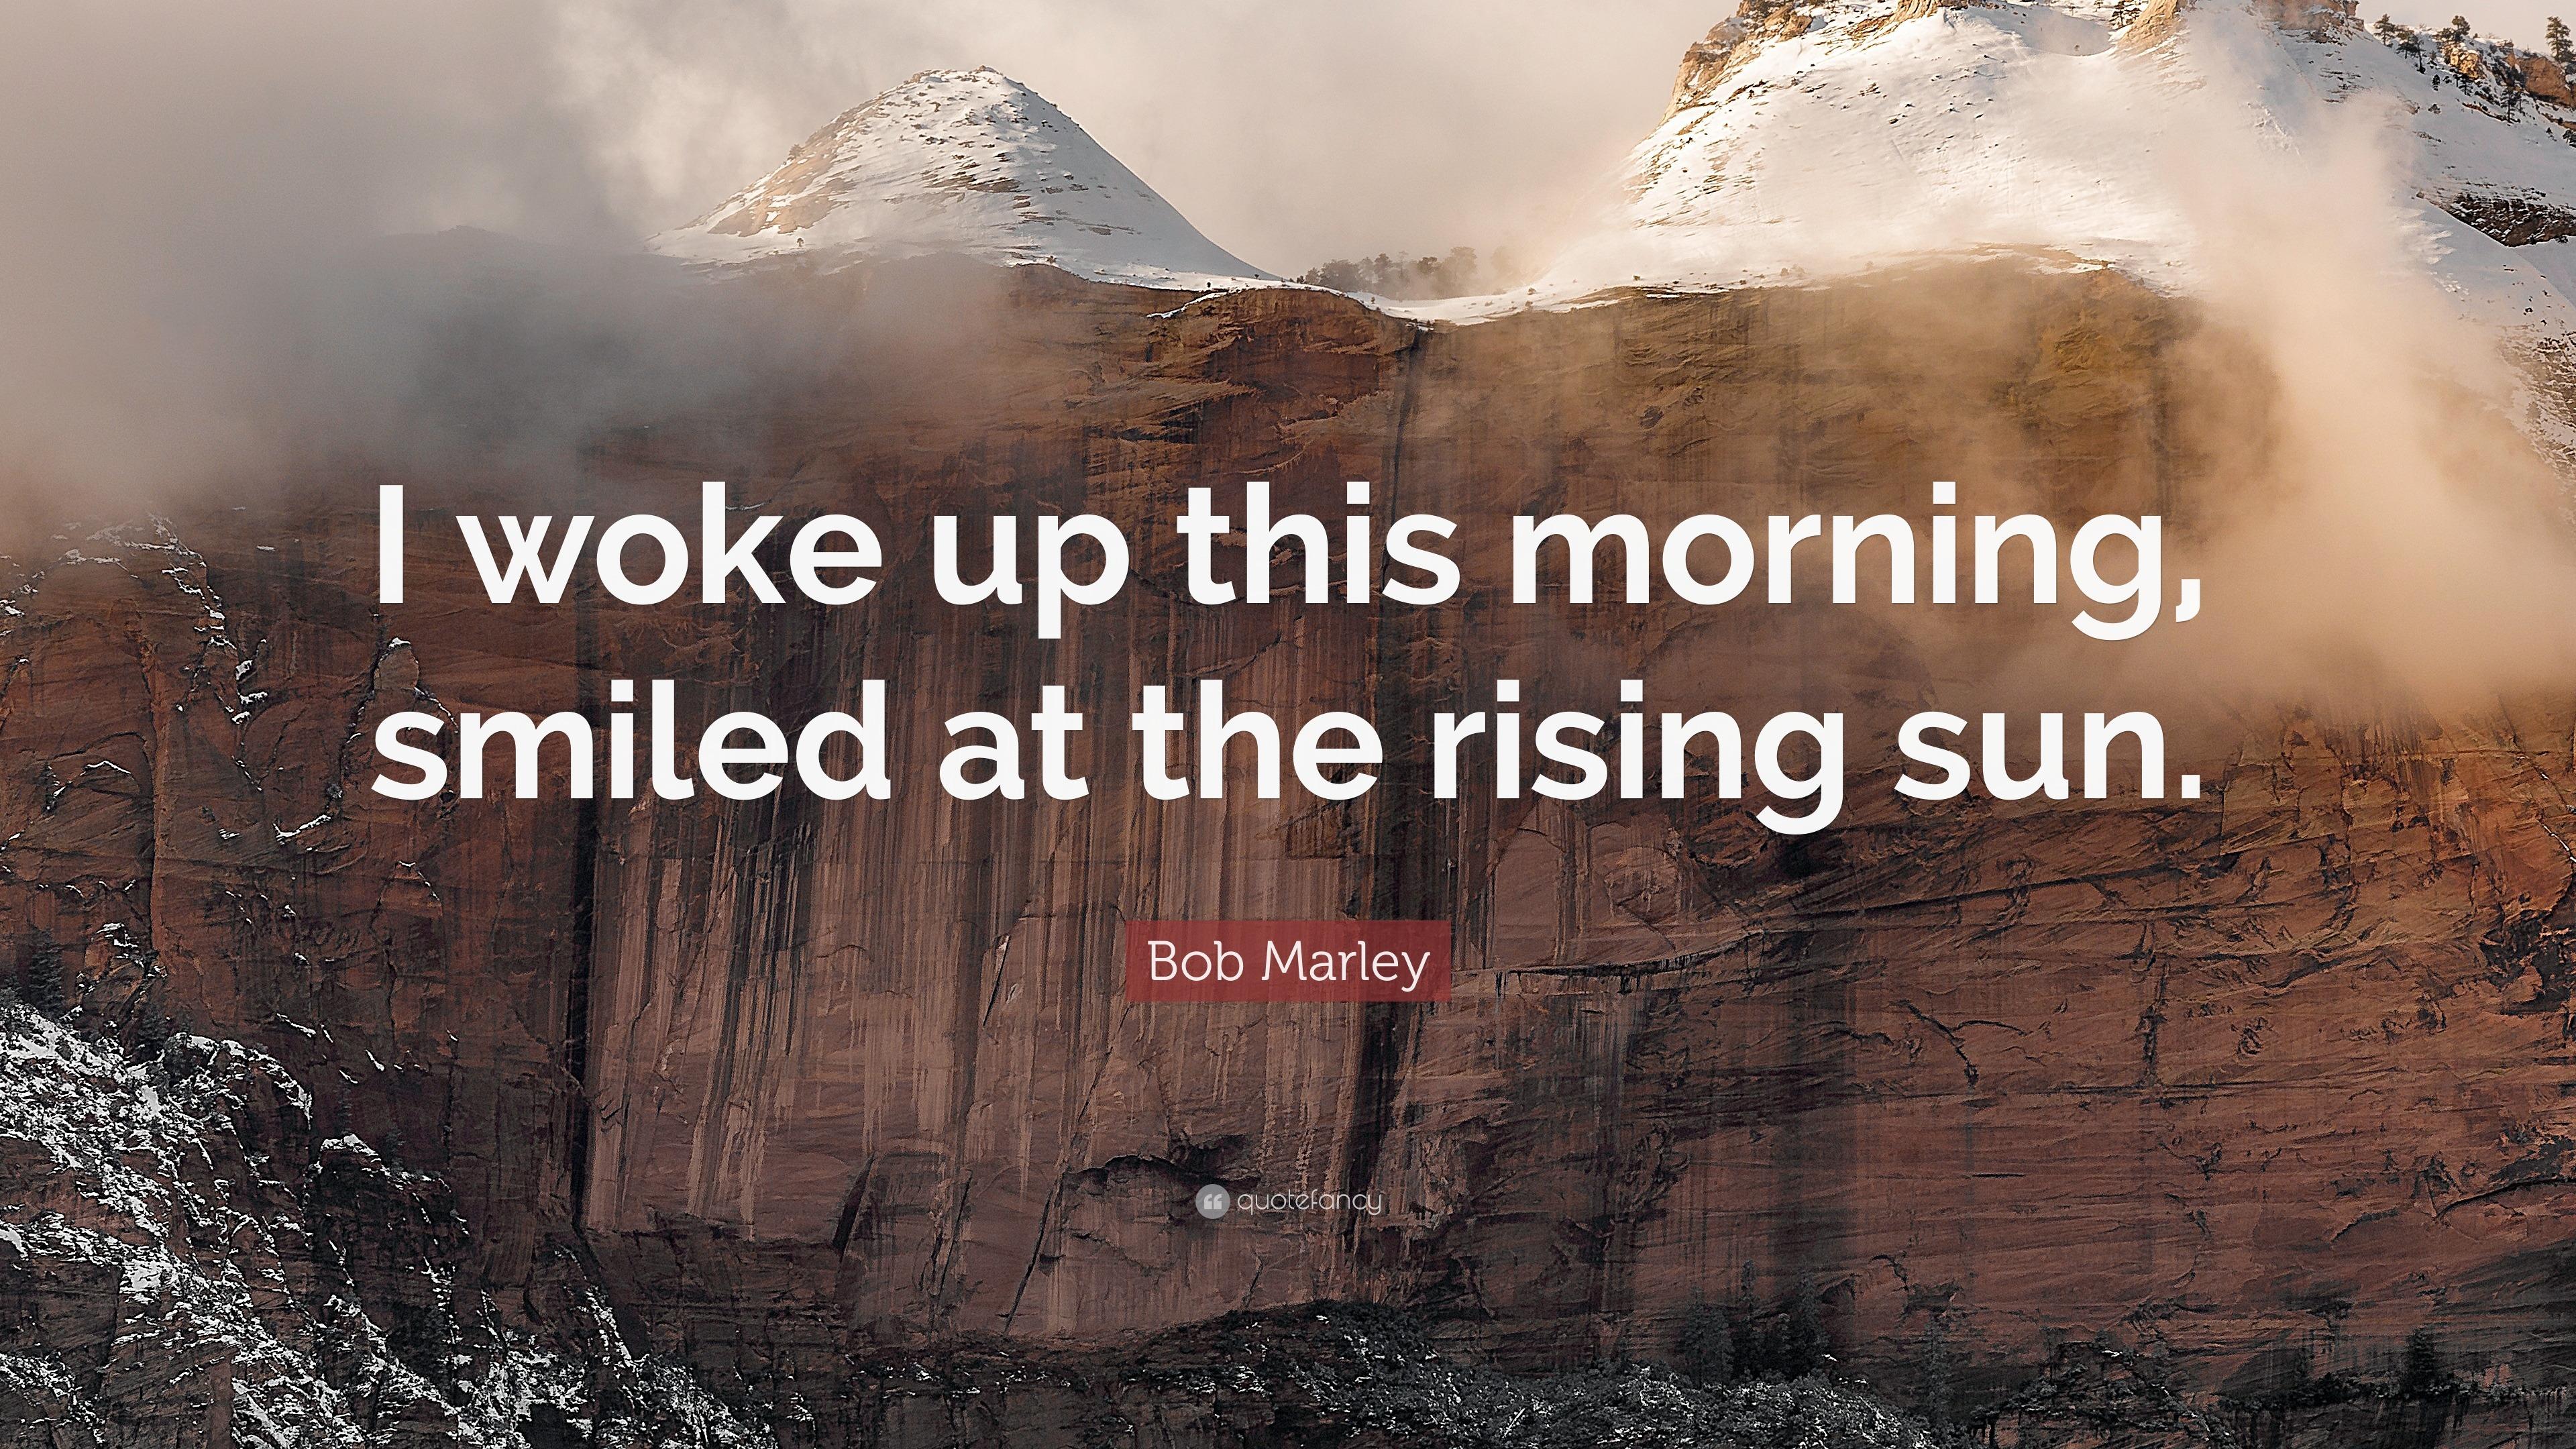 Bob Marley Quote I Woke Up This Morning Smiled At The Rising Sun